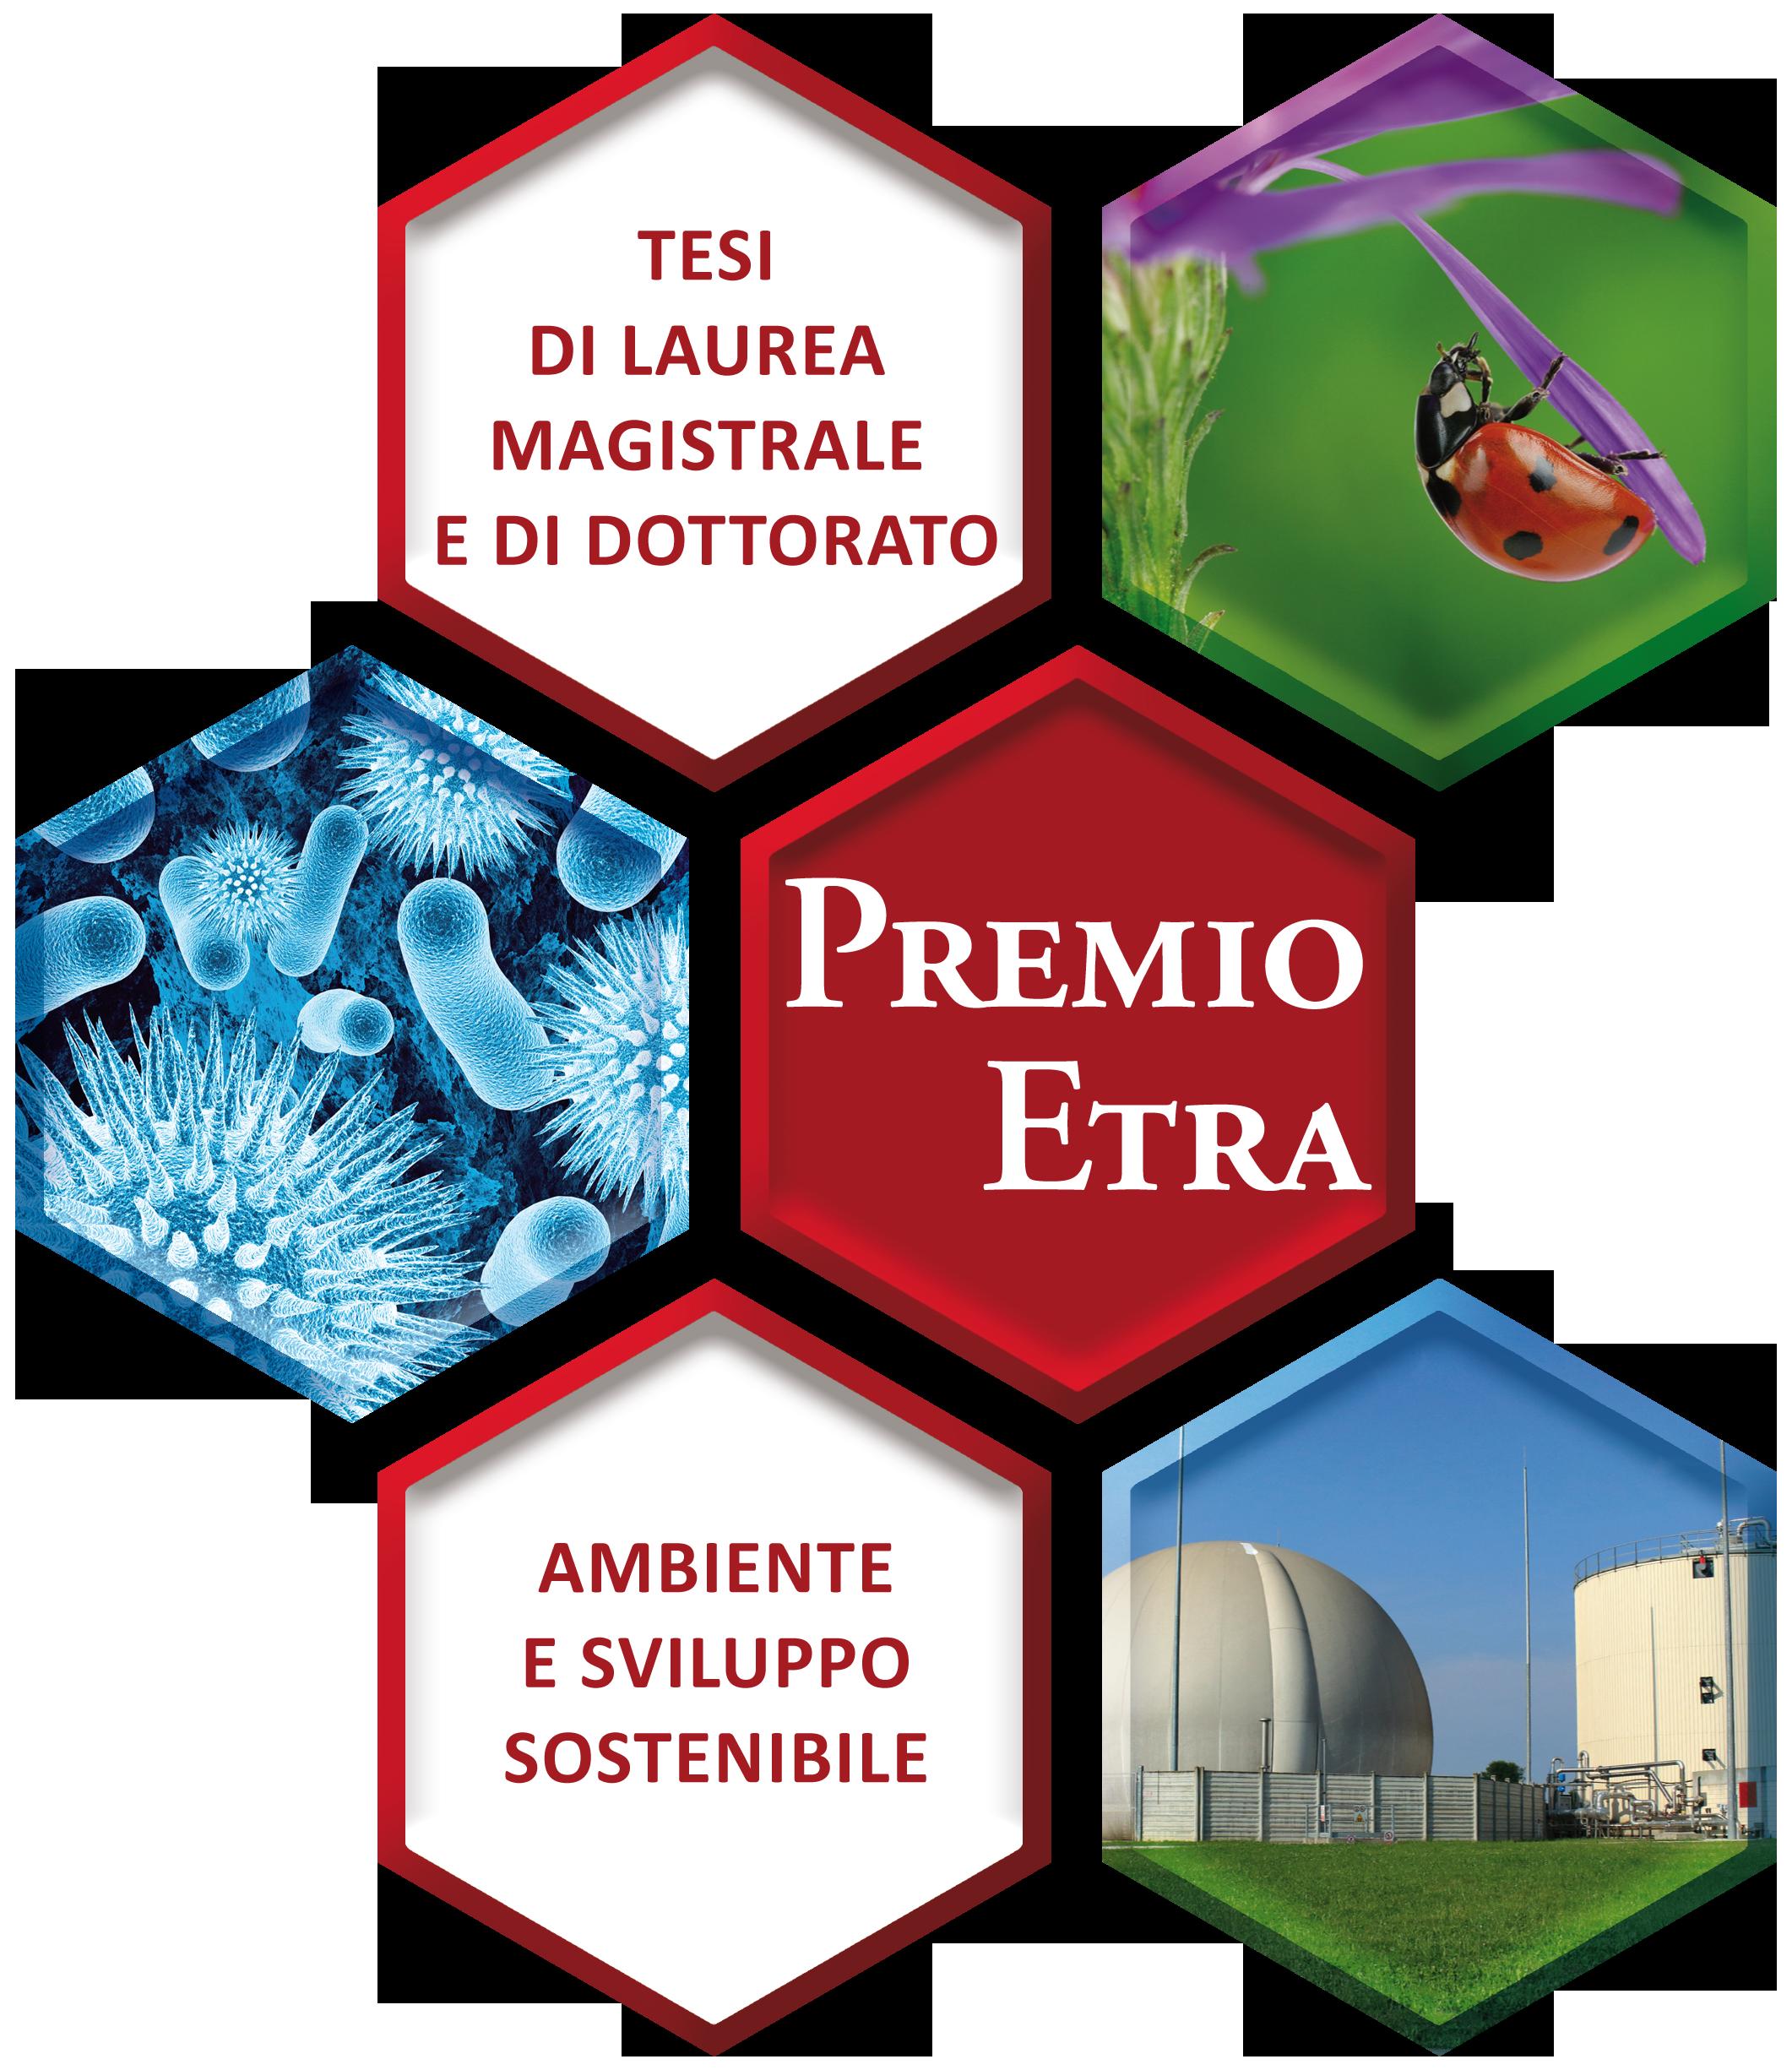 logo del Premio Etra